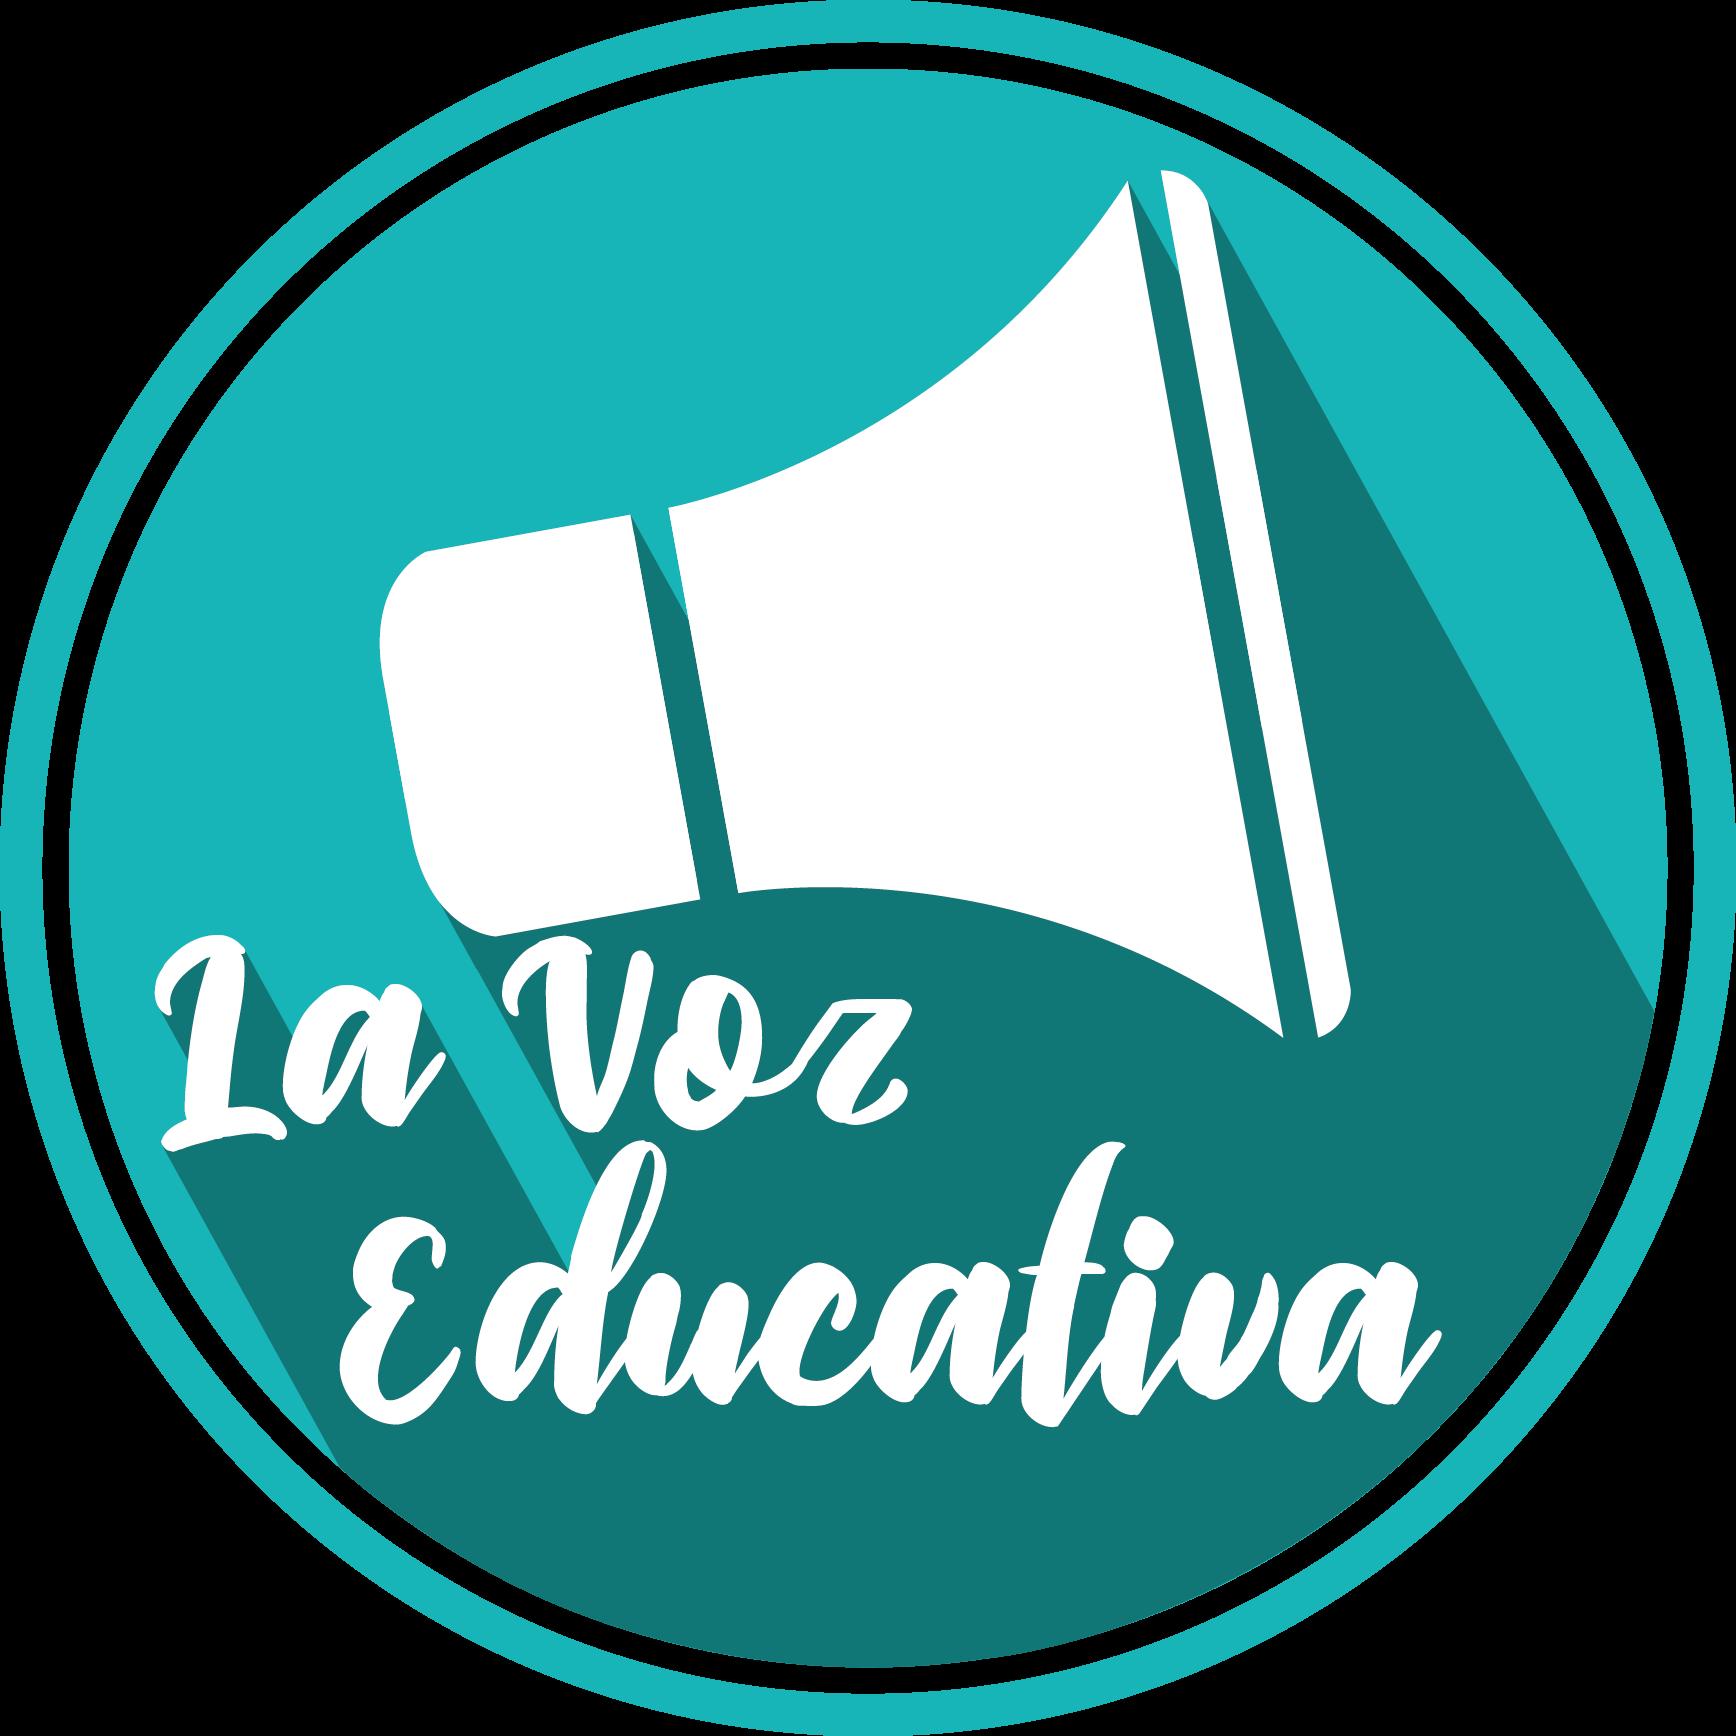 La Voz Educativa